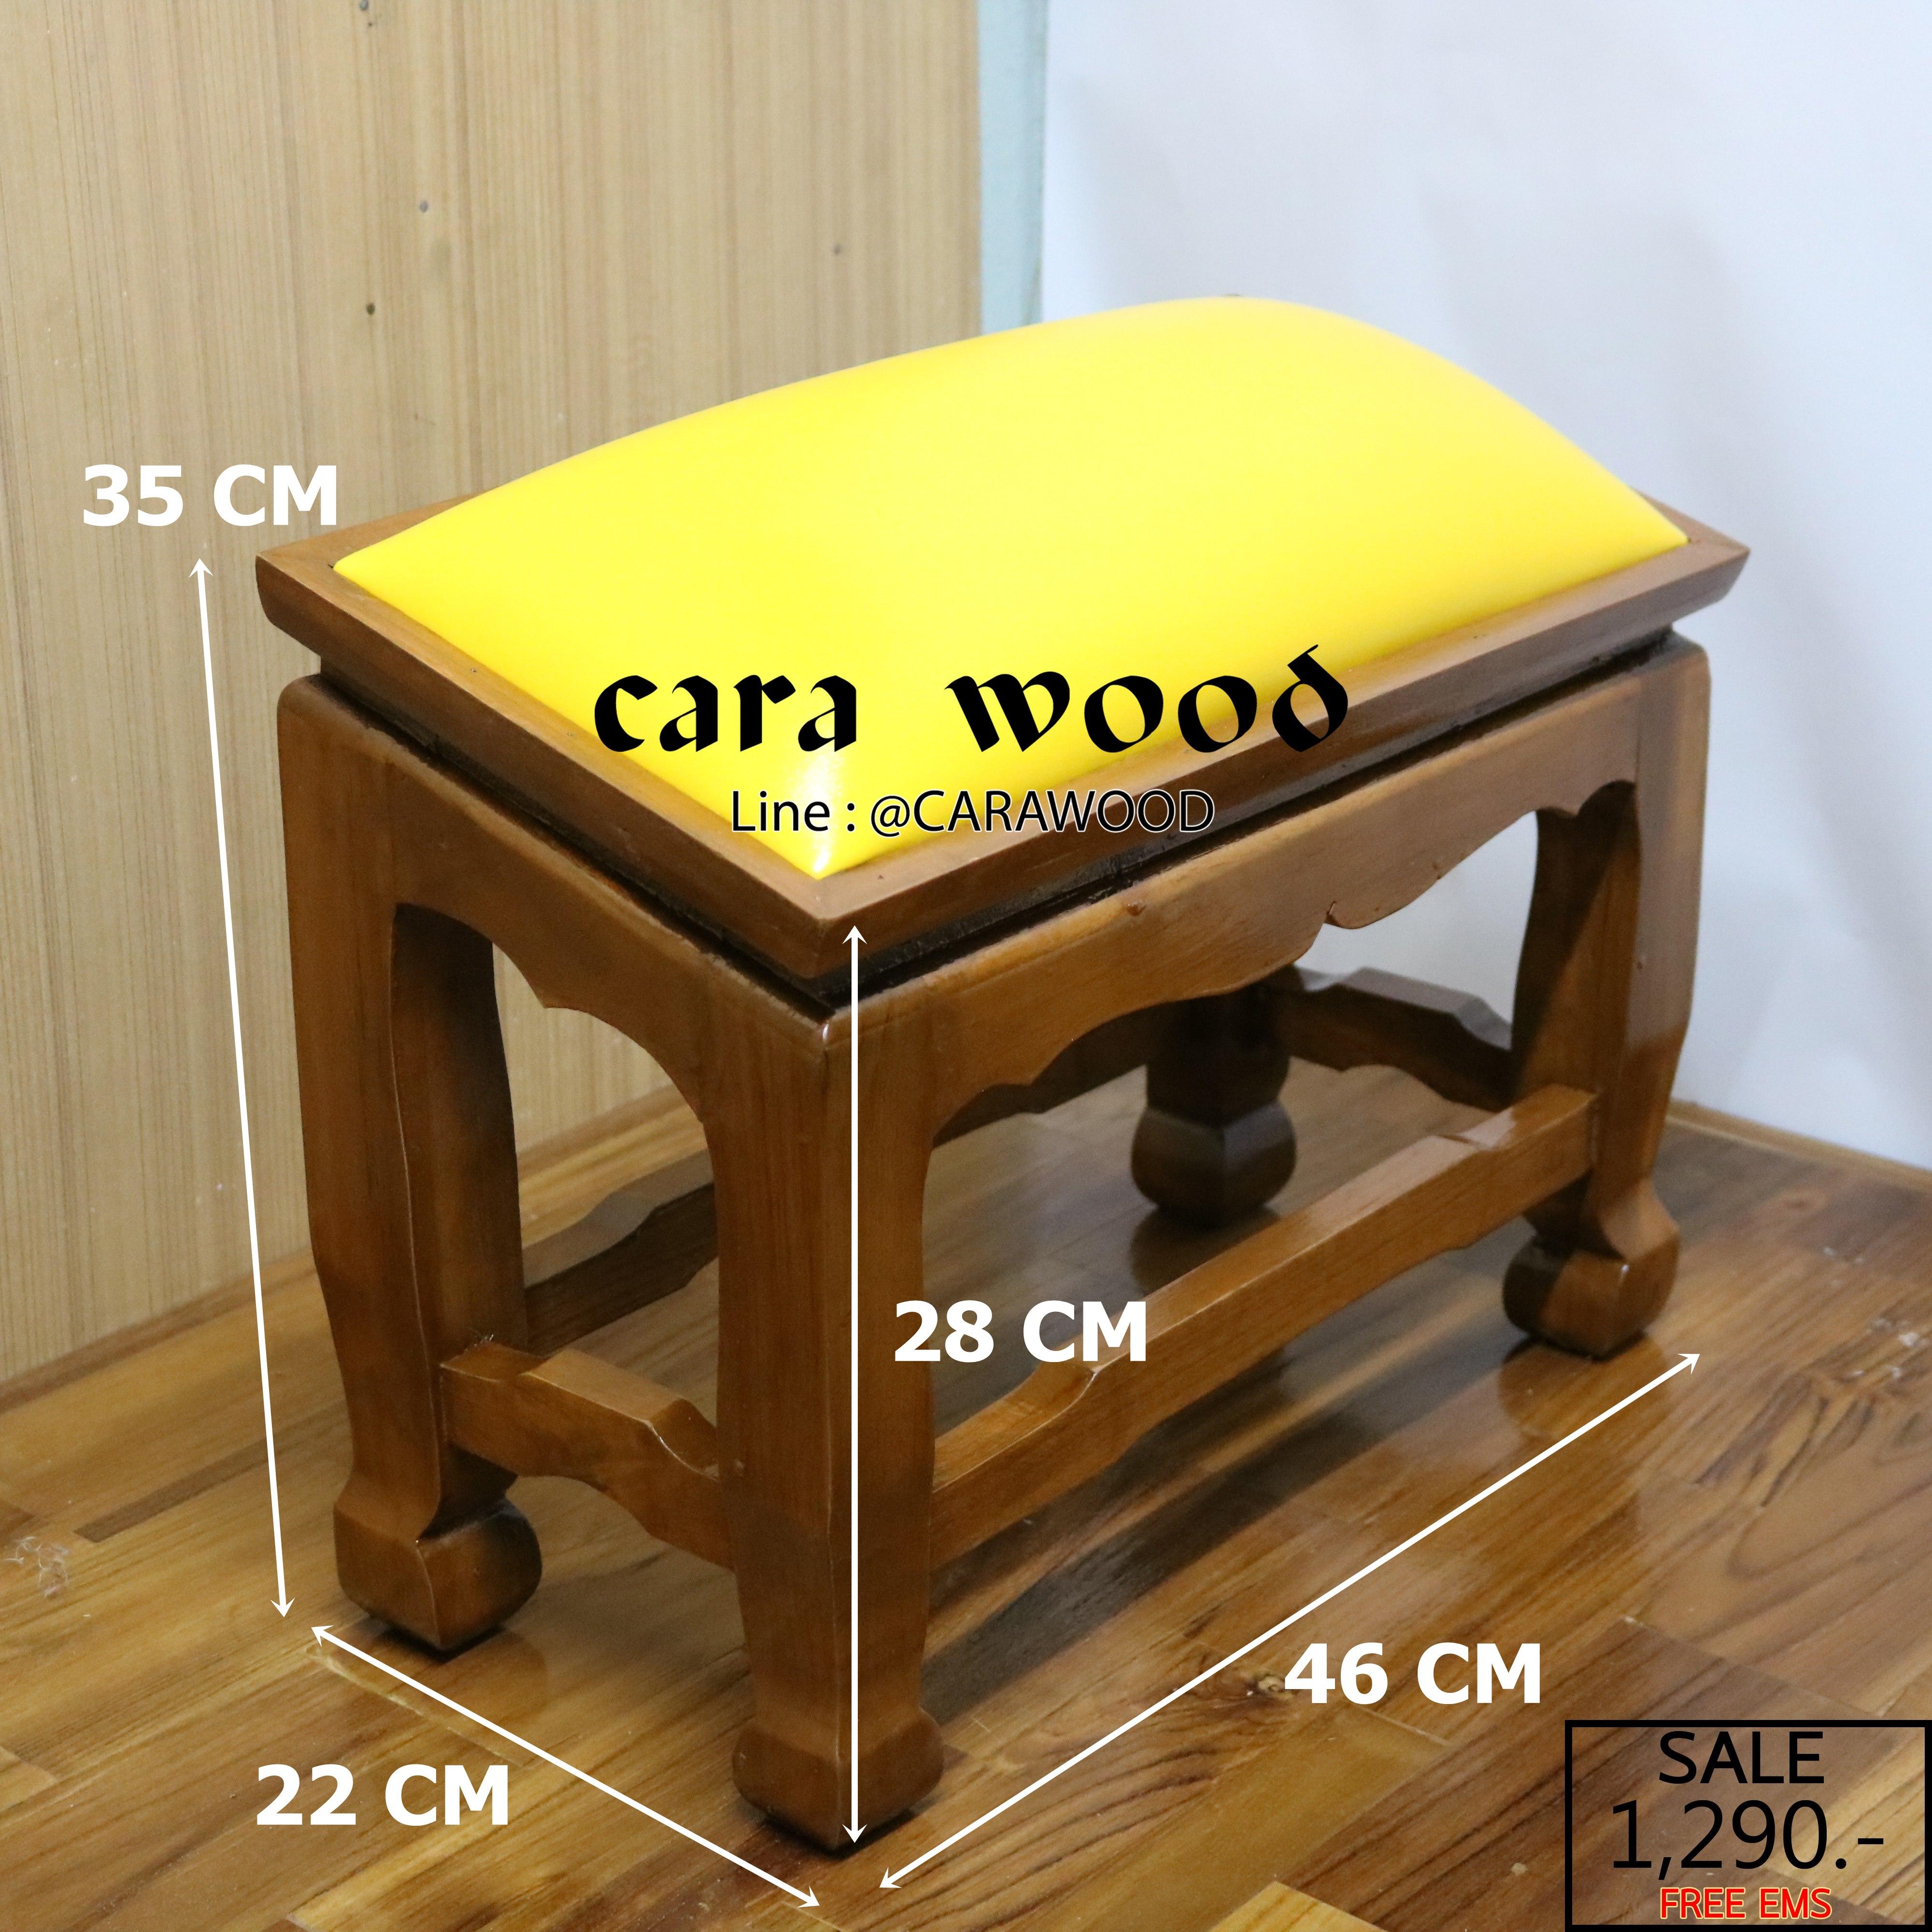 โต๊ะกราบ ไม้สักทองไซส์ใหญ่ [สีเหลือง]